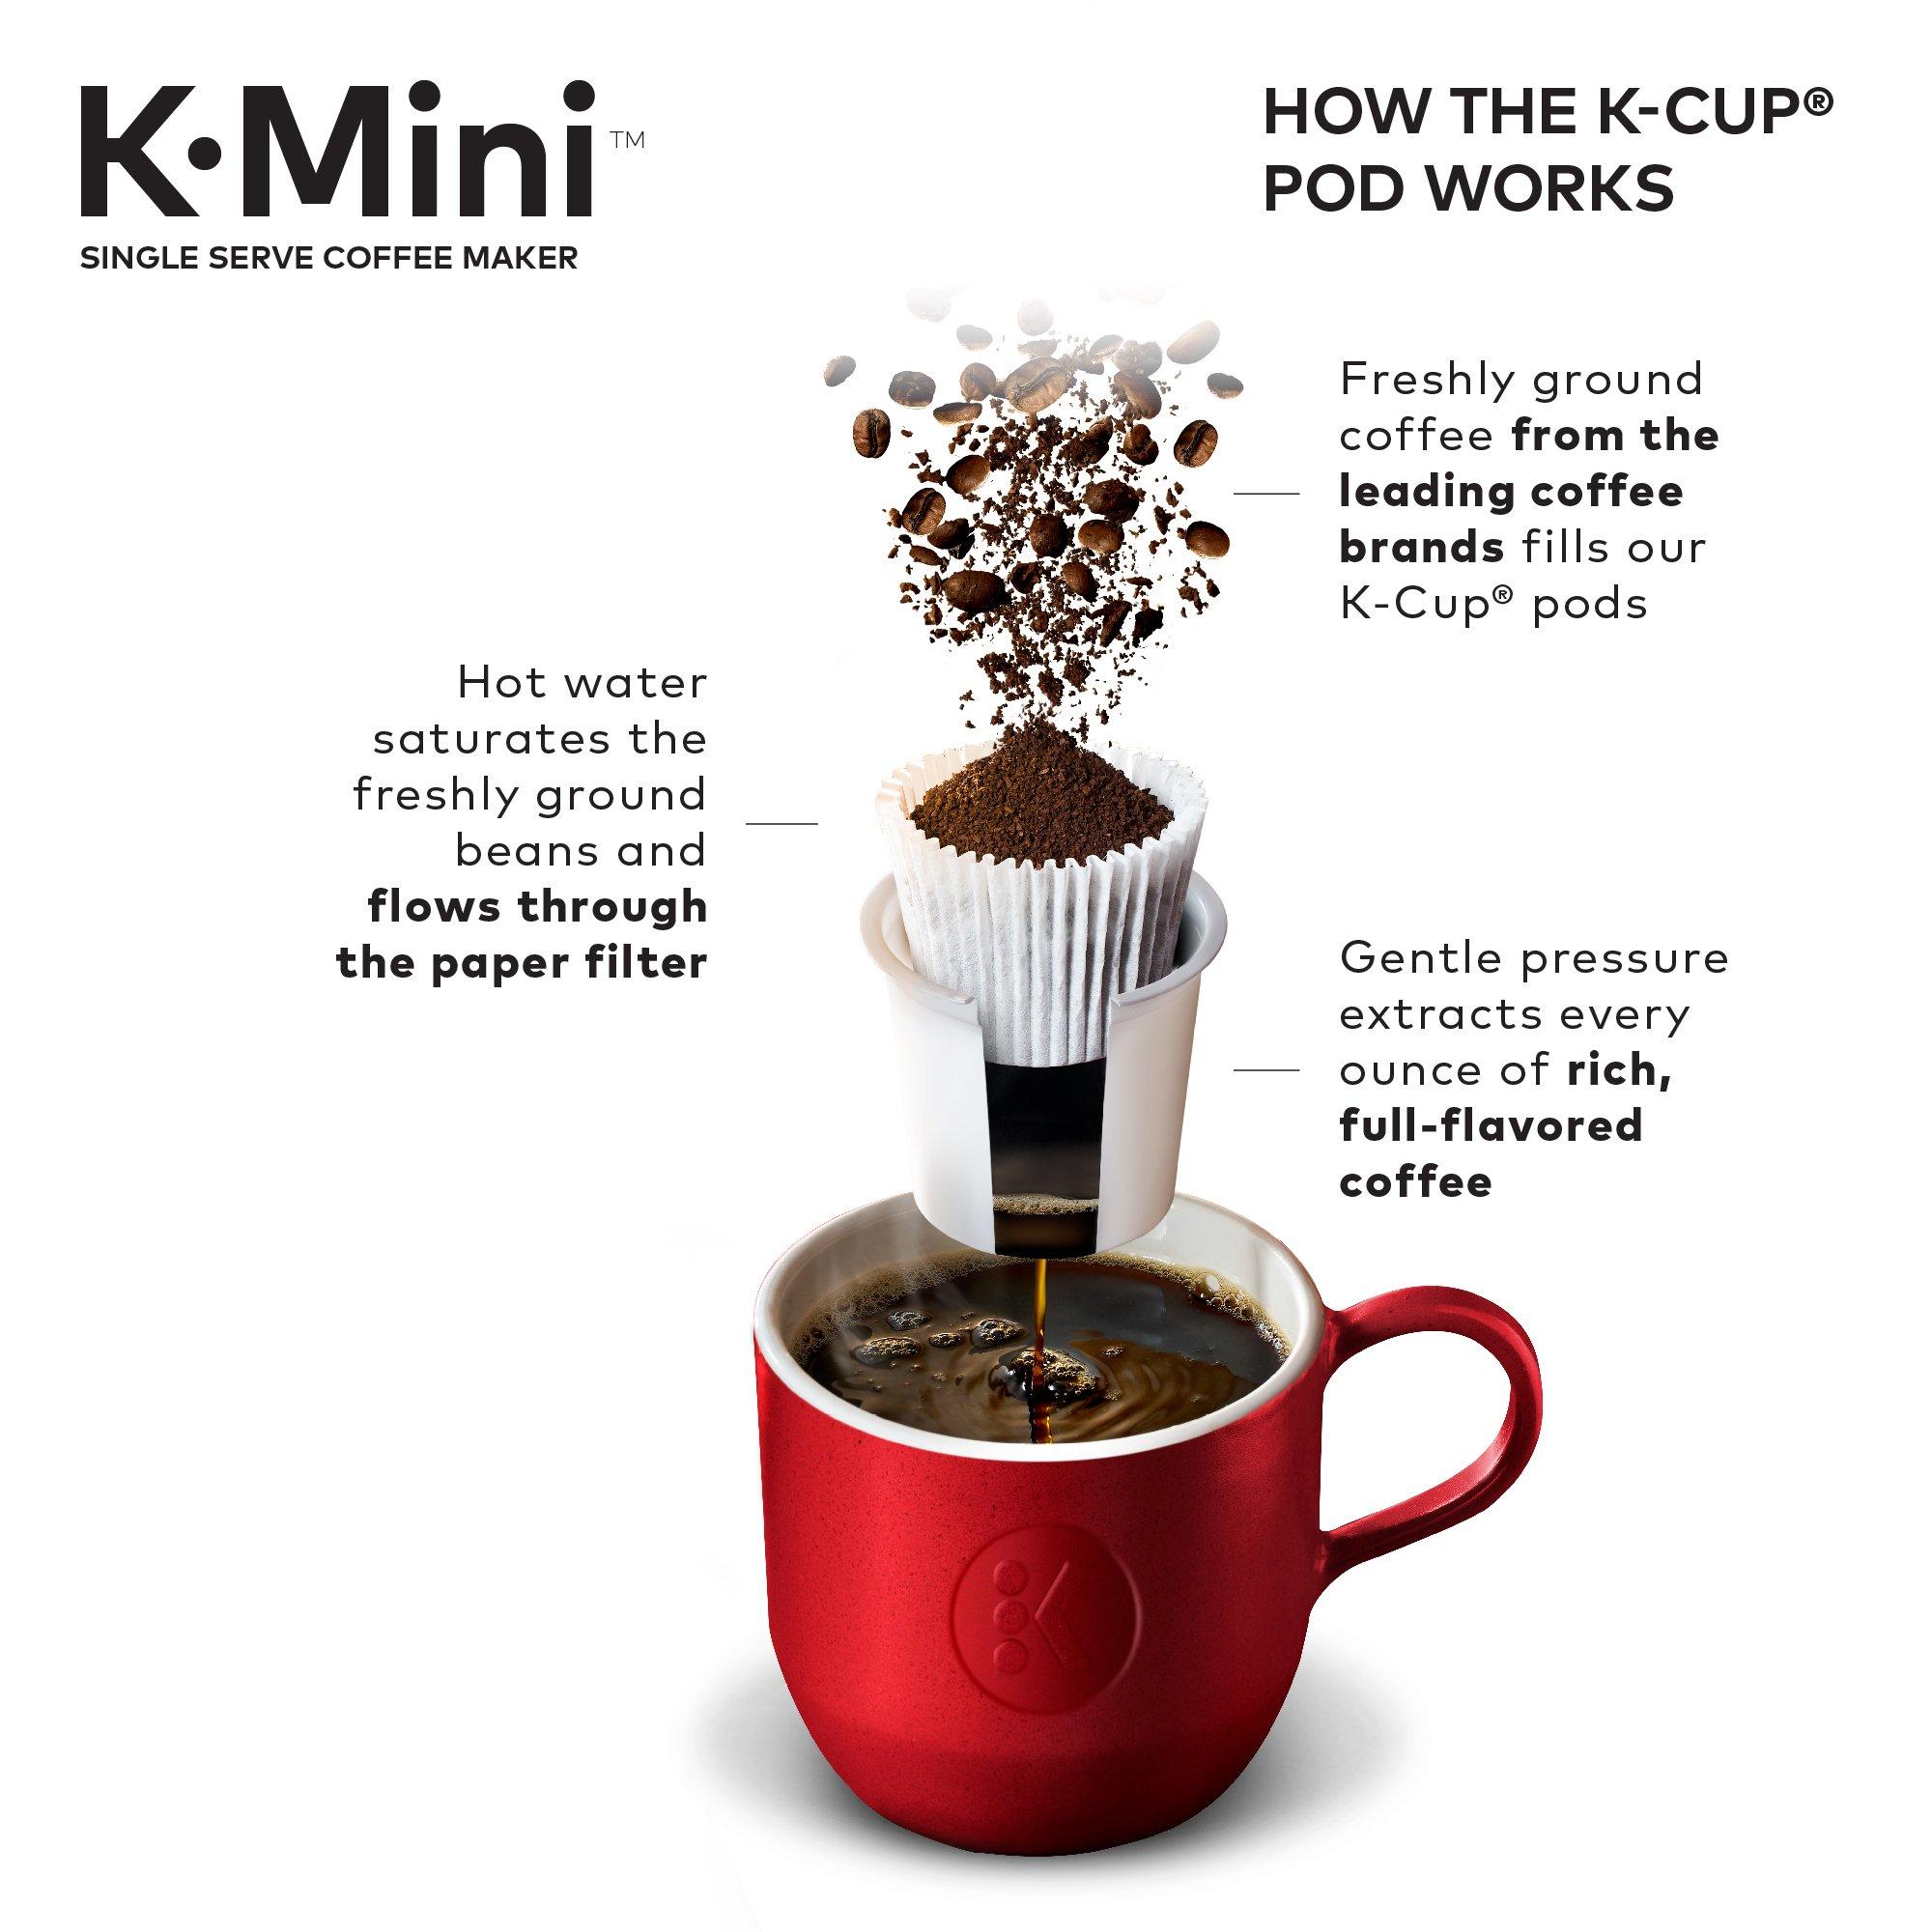 Keurig K15 Single Serve Compact K-Cup Pod Coffee Maker, True Blue by Keurig (Image #5)